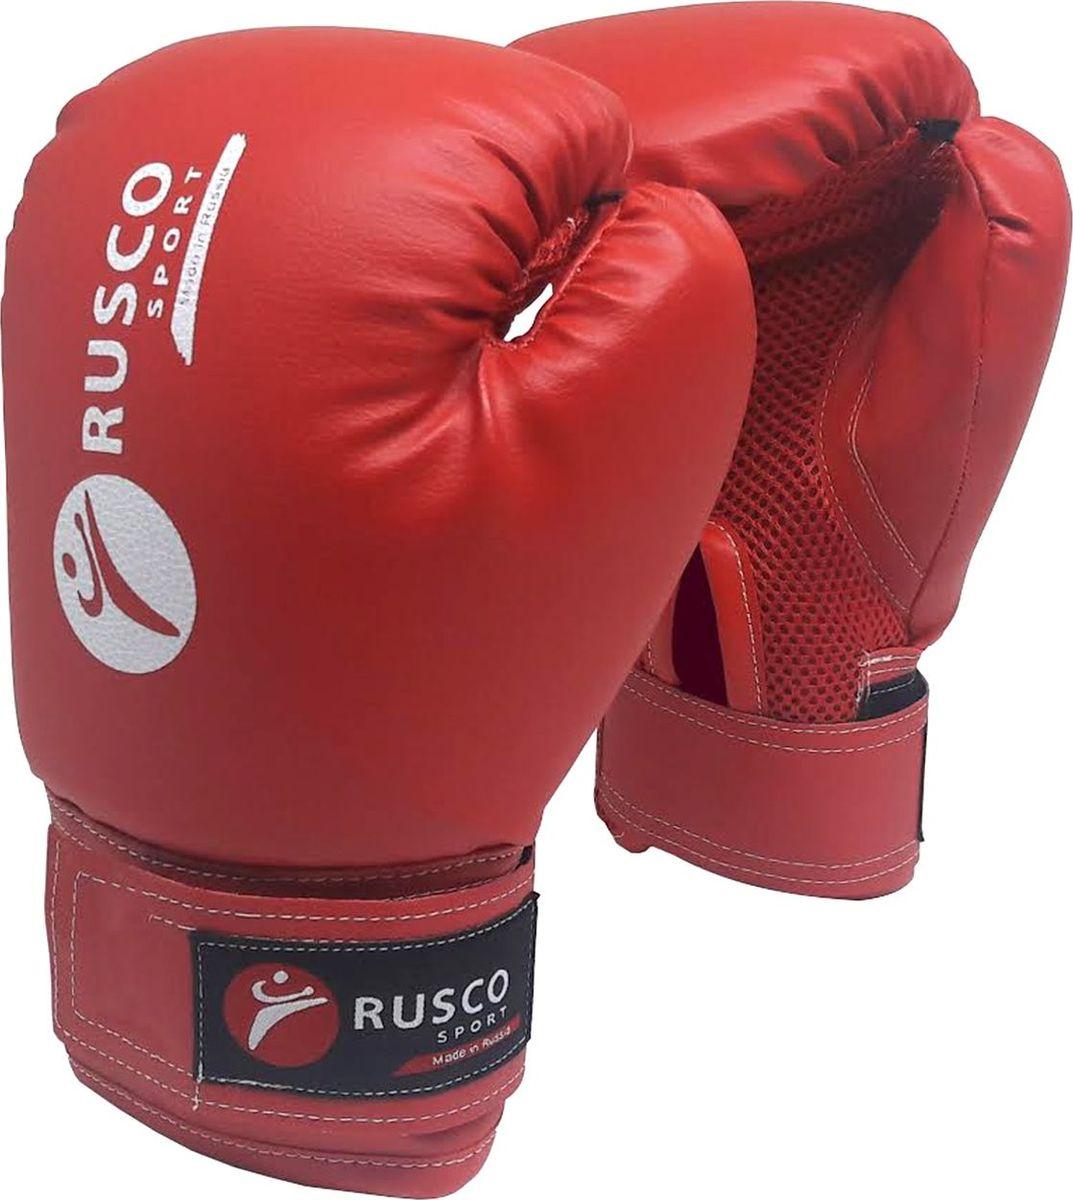 Перчатки боксерские Rusco, цвет: красный, 8 oz332515-2800Перчатки боксерские, 8 oz, к/з - это боксерские перчатки красного цвета, которые широко используются начинающими спортсменами и юниорами на тренировках. Перчатки имеют мягкую набивку, специально разработанная удобная форма позволяет избежать травм во время тренировок и профессионально подготовиться к бою. Превосходно облегают кисть, следуя всем анатомическим изгибам ладони и запястья.